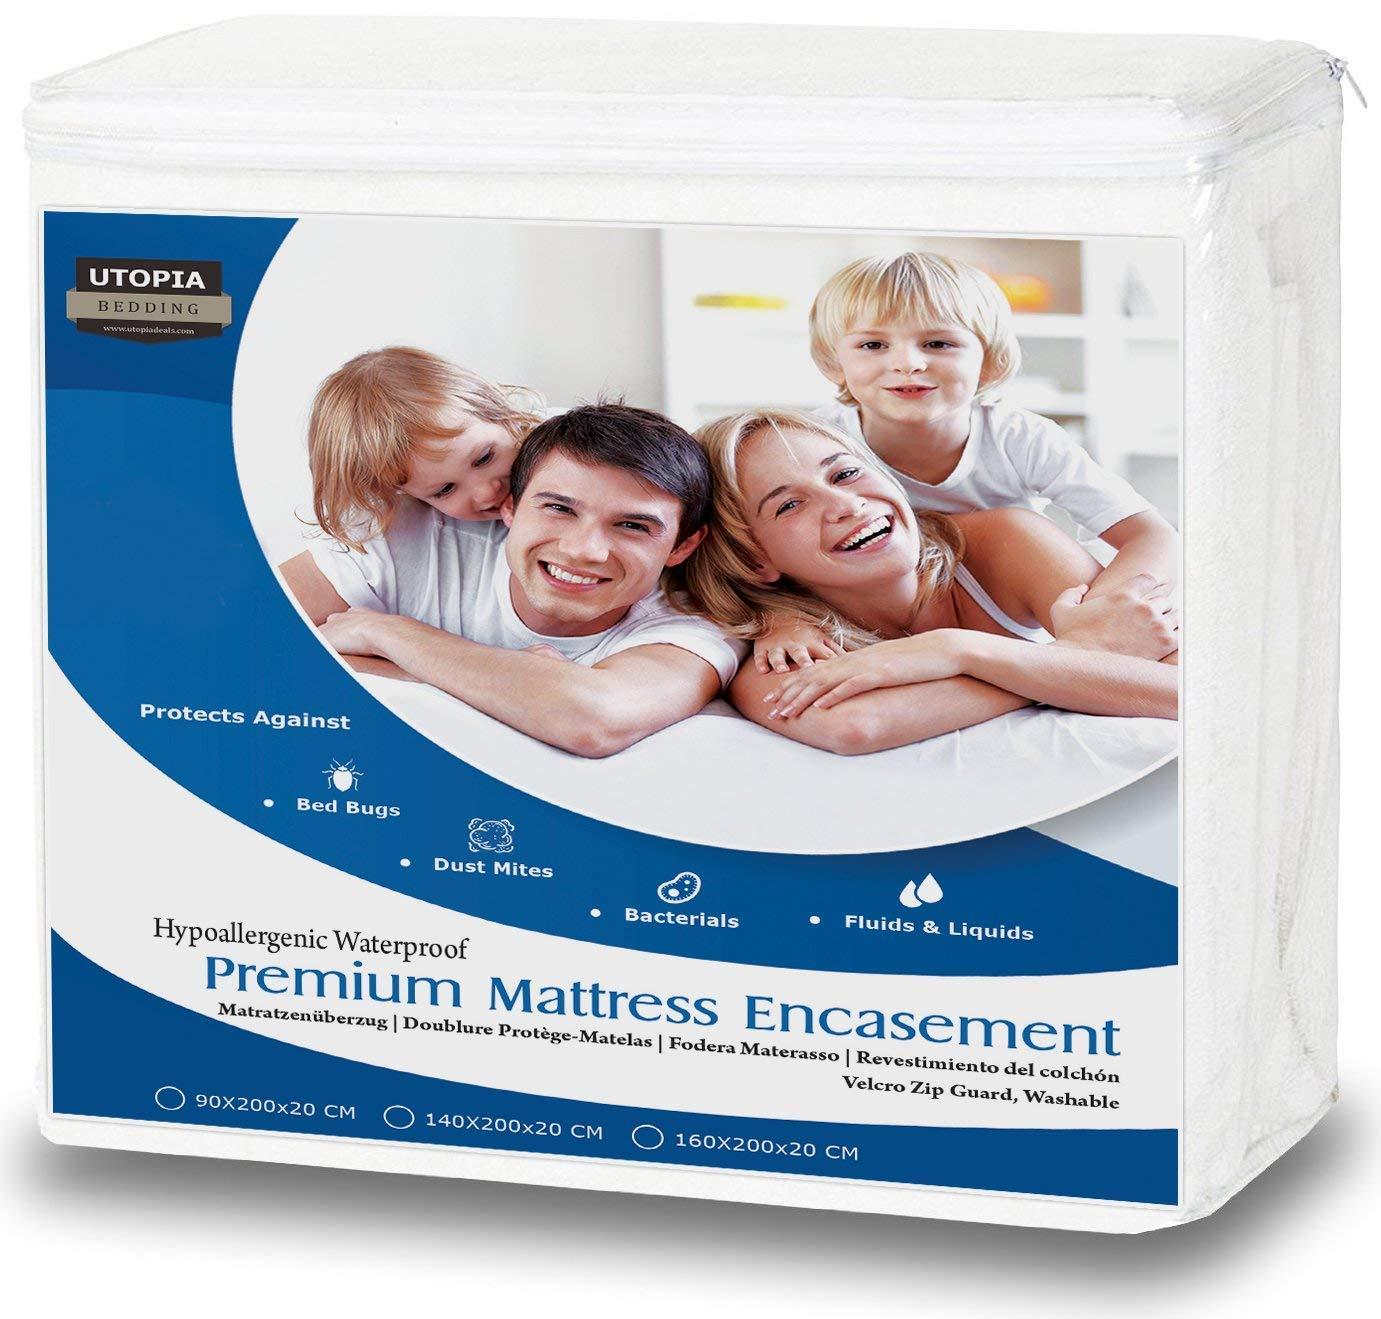 Utopia Bedding Funda de colchón Impermeable con Cremallera - Altura del colchón 15-25 cm - Protección contra líquidos, Insectos y ácaros del Polvo (140 x ...